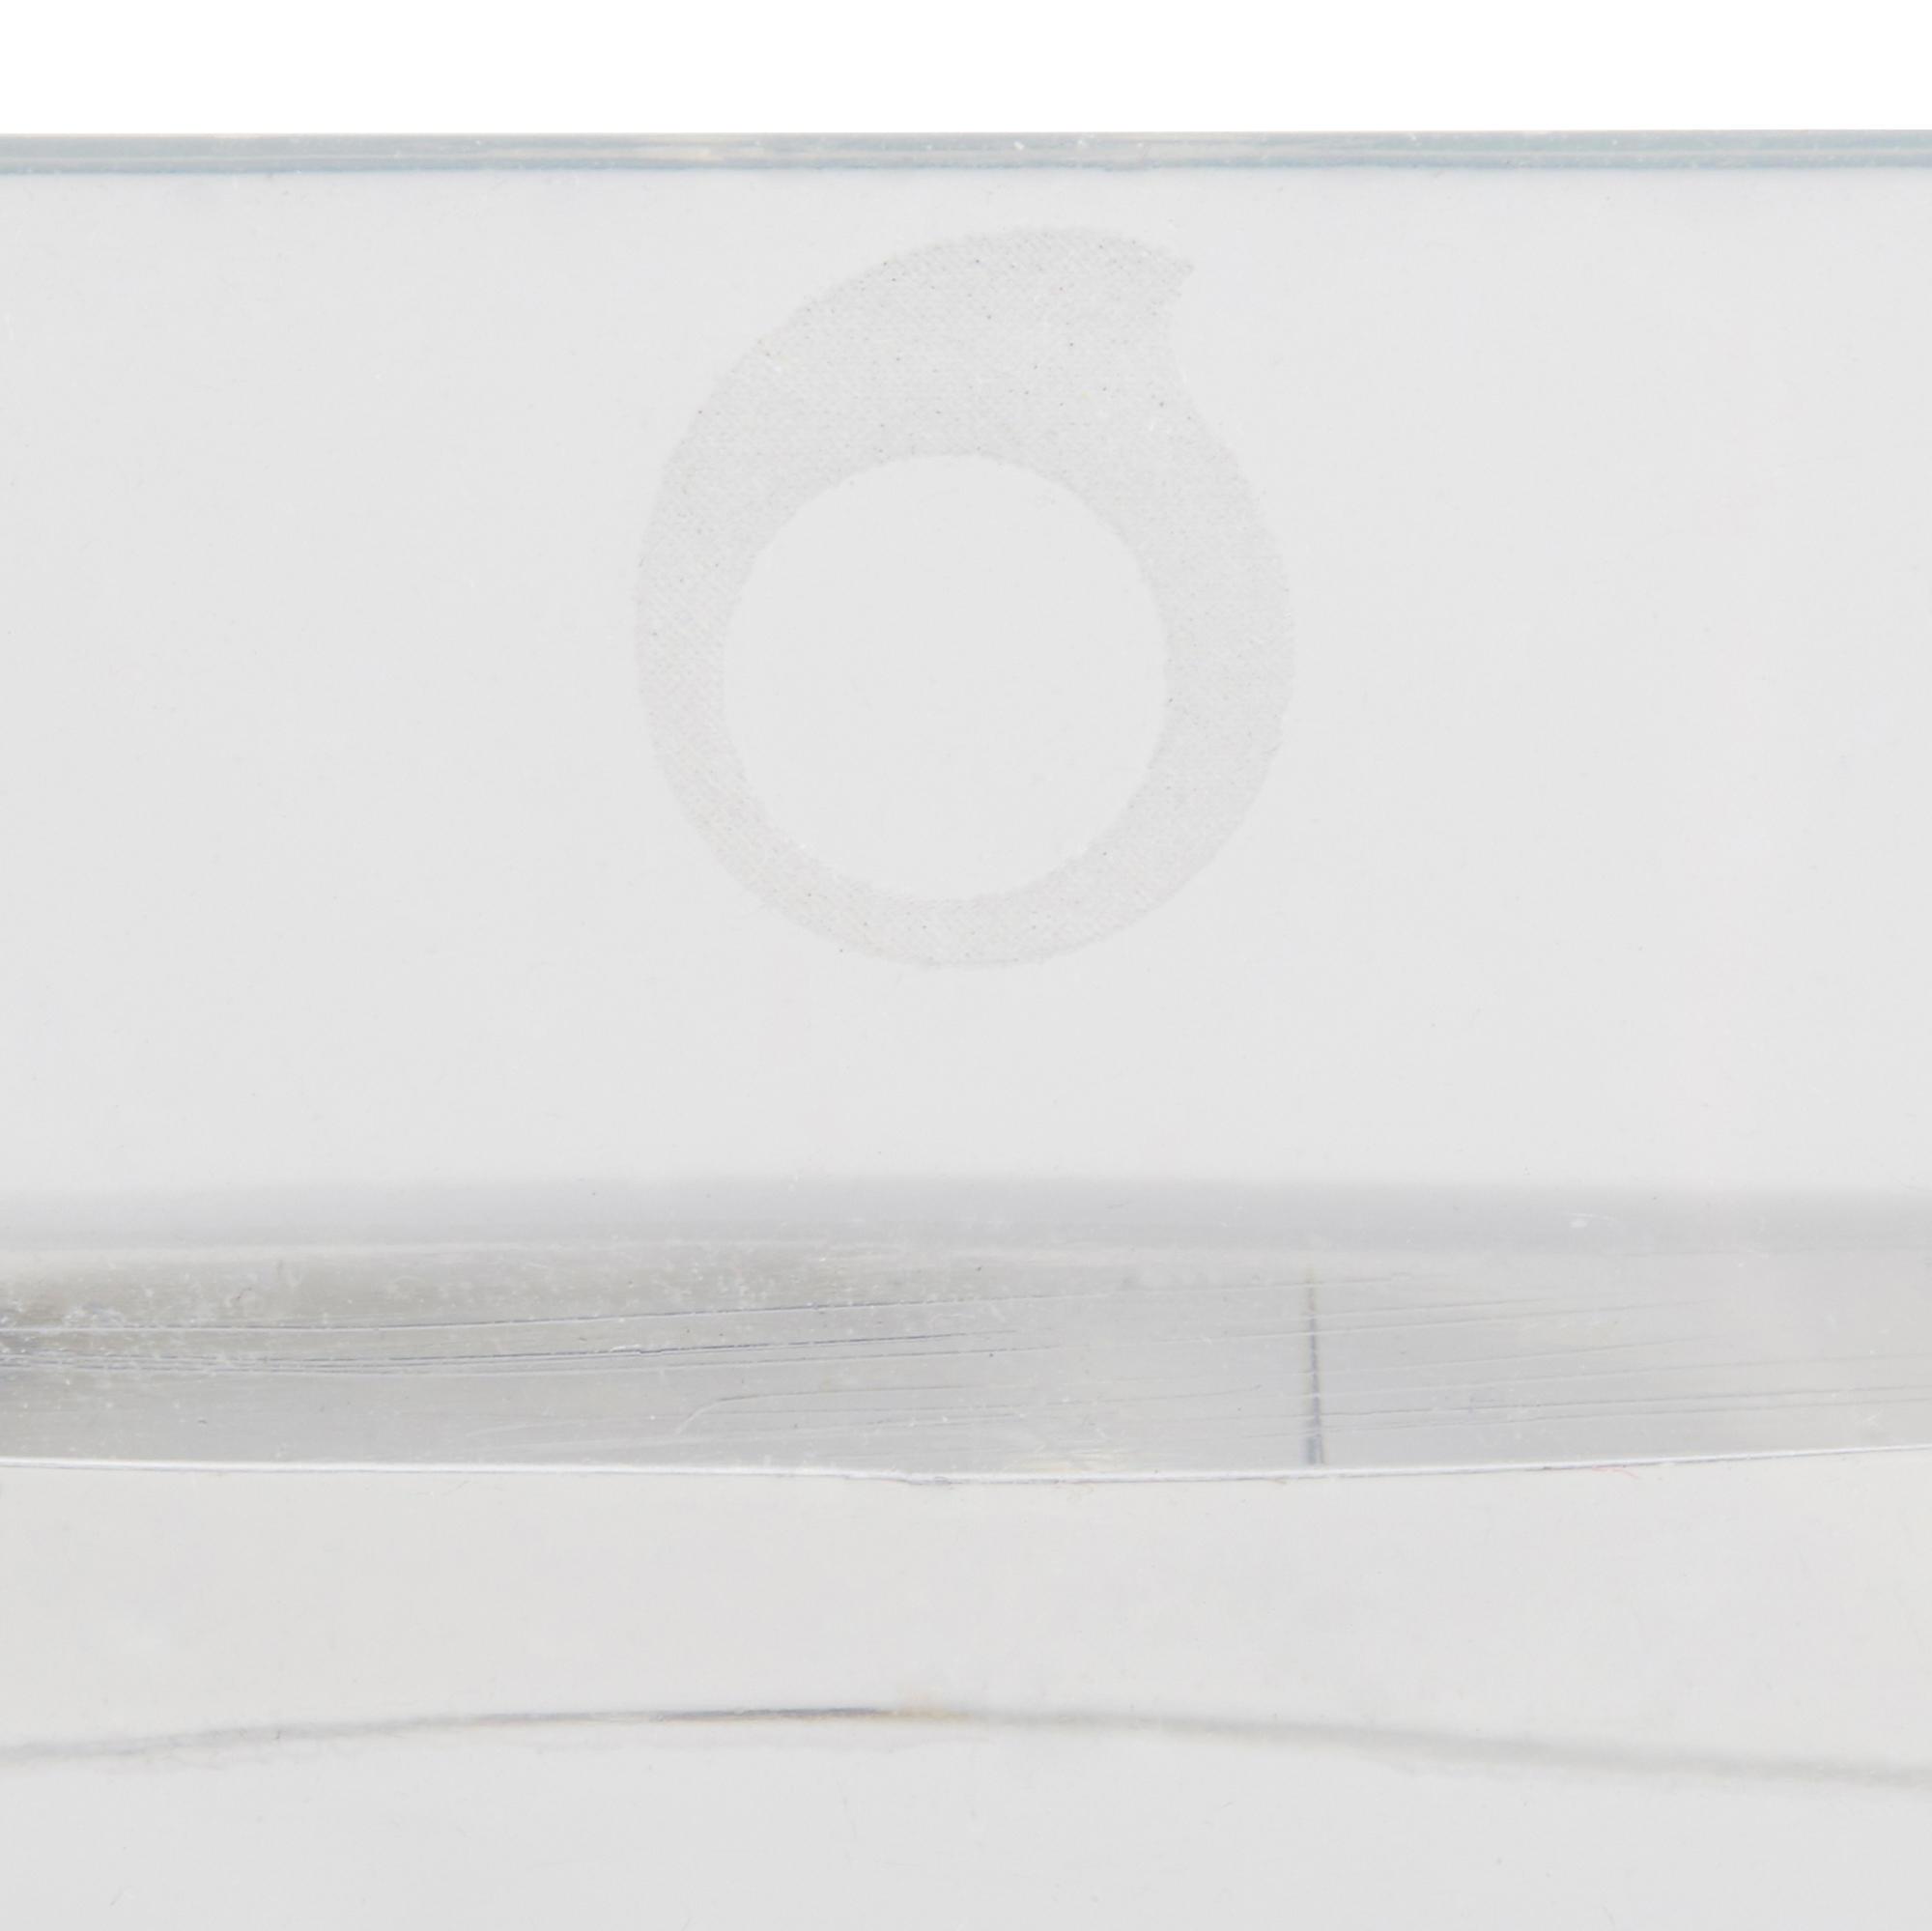 Masque de plongée libre SNK 500 adulte gris